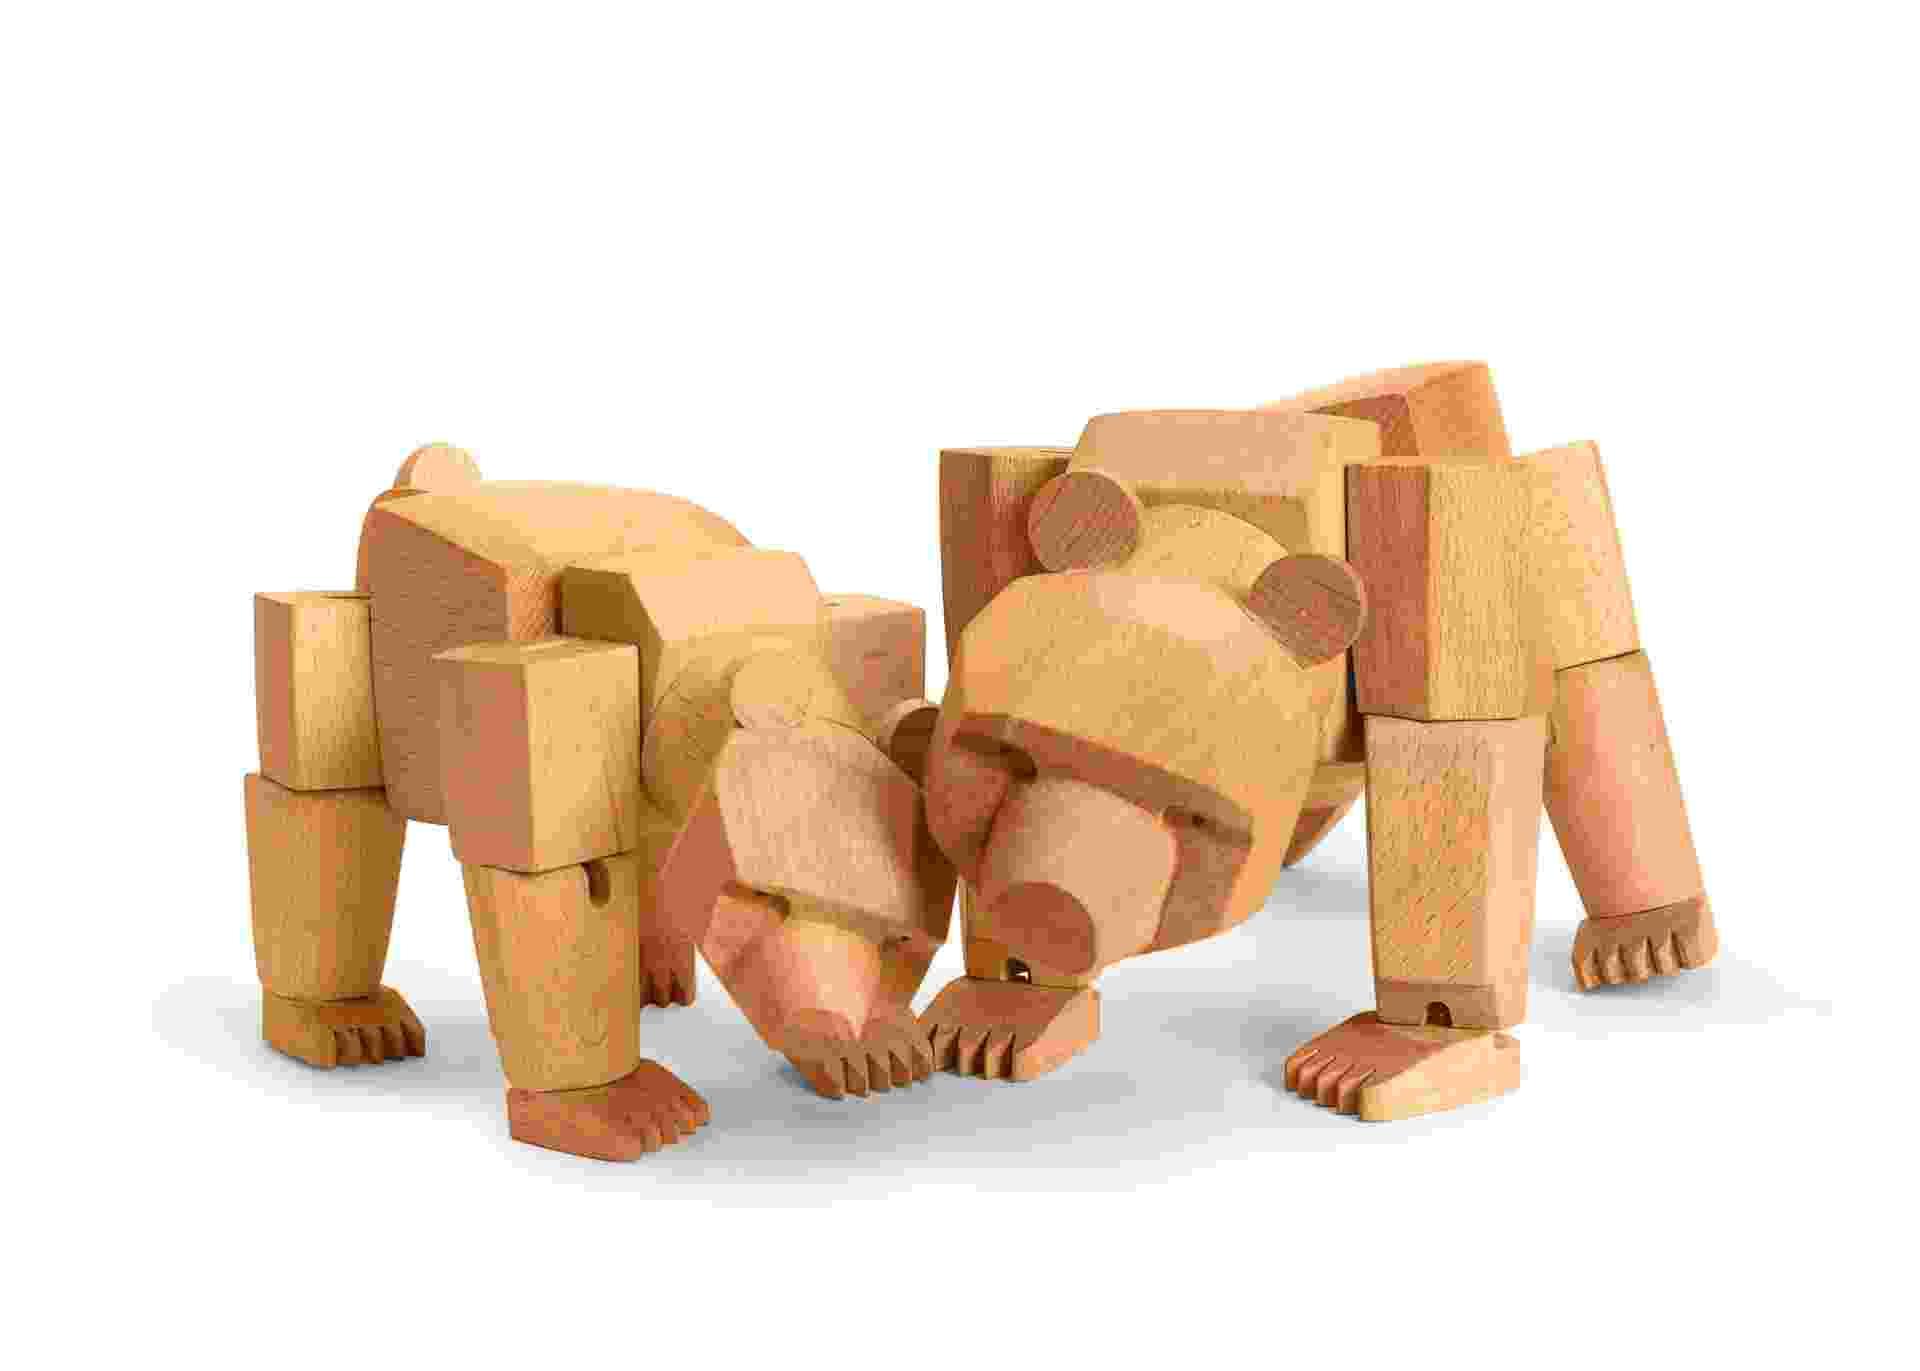 O designer David Weeks criou diversas espécies de bichos em miniaturas articuladas feitas de madeira. Os entalhes são delicados e compõem belas decorações para mesas ou estantes. Na foto: ursos - Areaware/ The New York Times